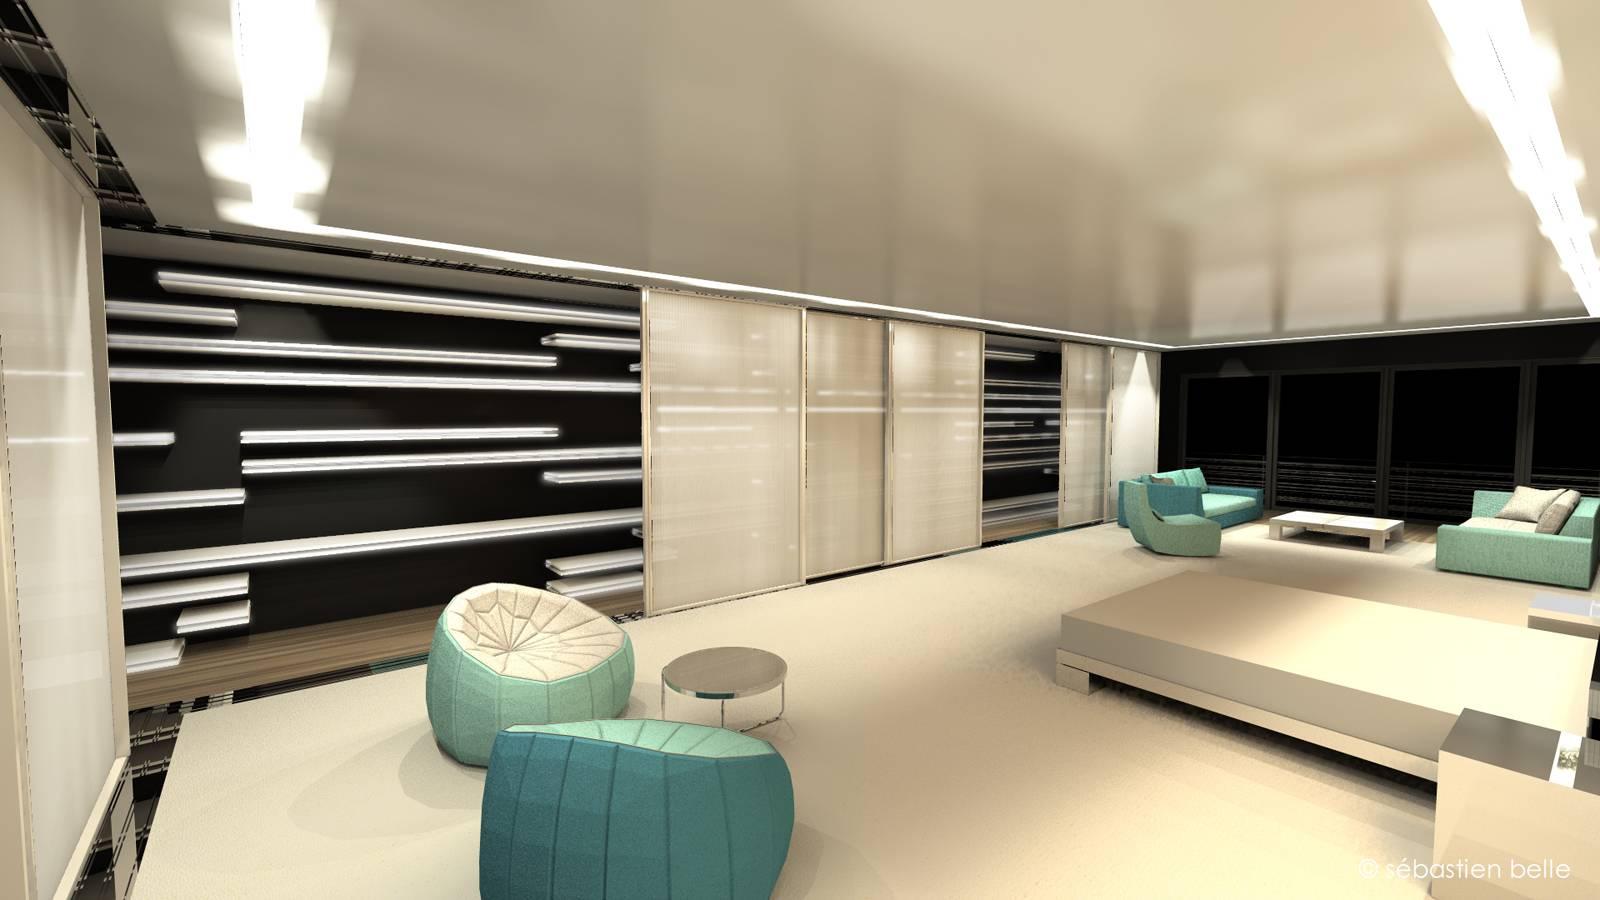 agencement int rieur d 39 un loft standing gen ve en suisse architecte a2 sb. Black Bedroom Furniture Sets. Home Design Ideas